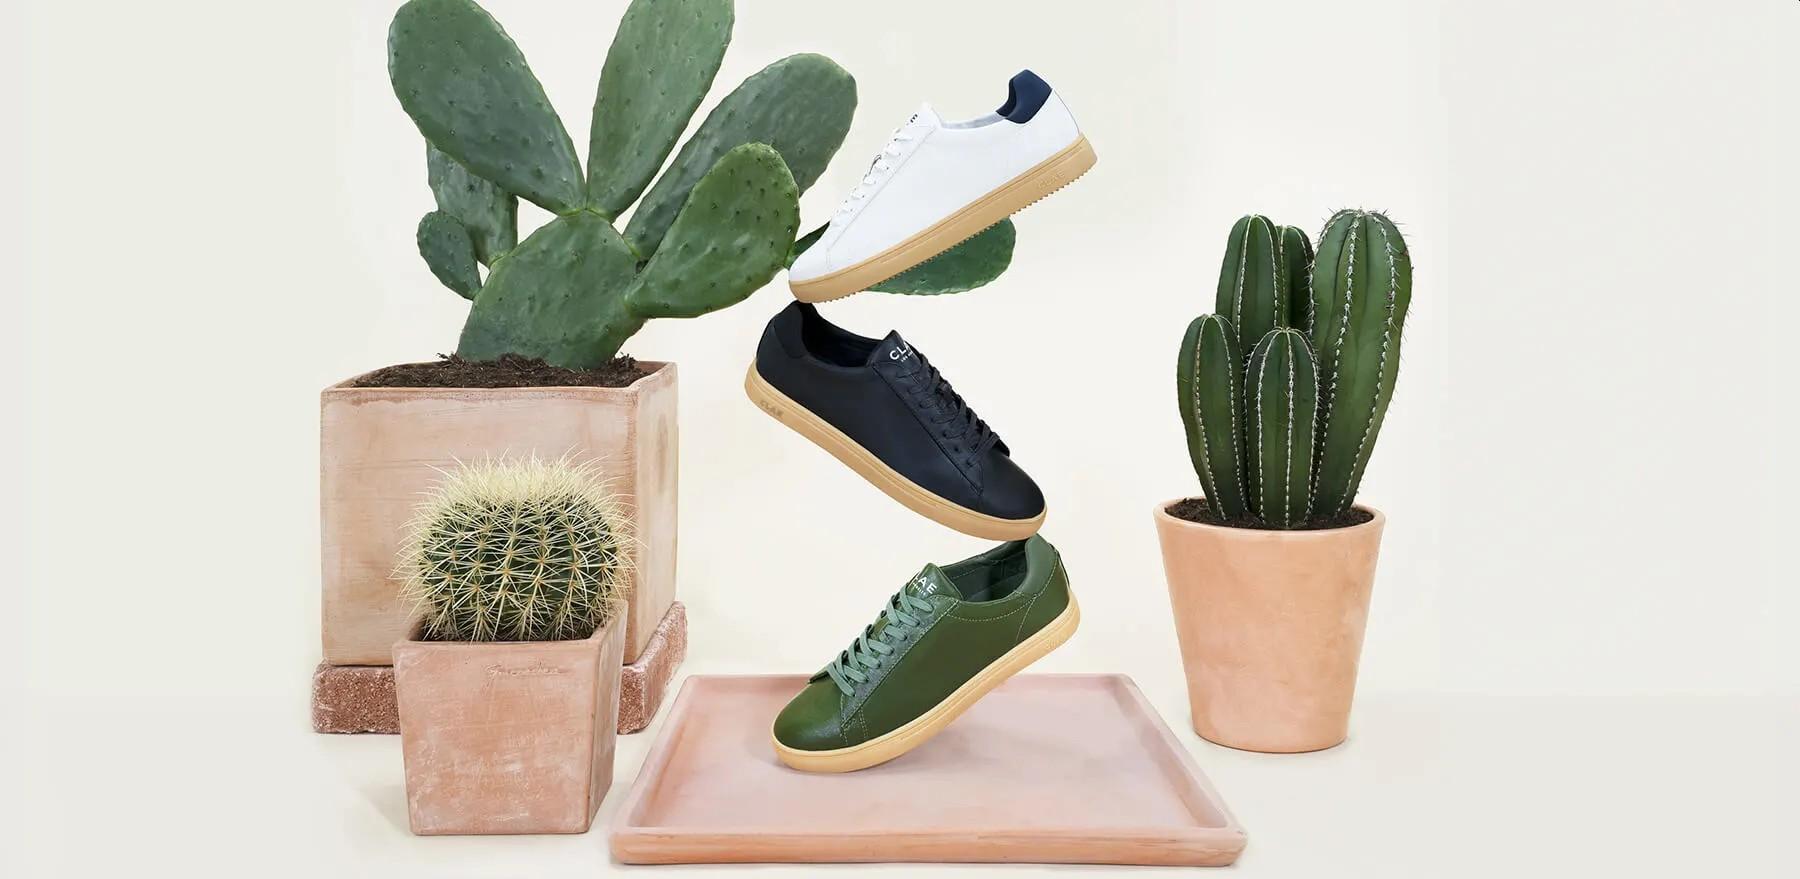 Stachelig sind die Sneakers aus Kaktusleder aber nicht. (Foto: Clae)